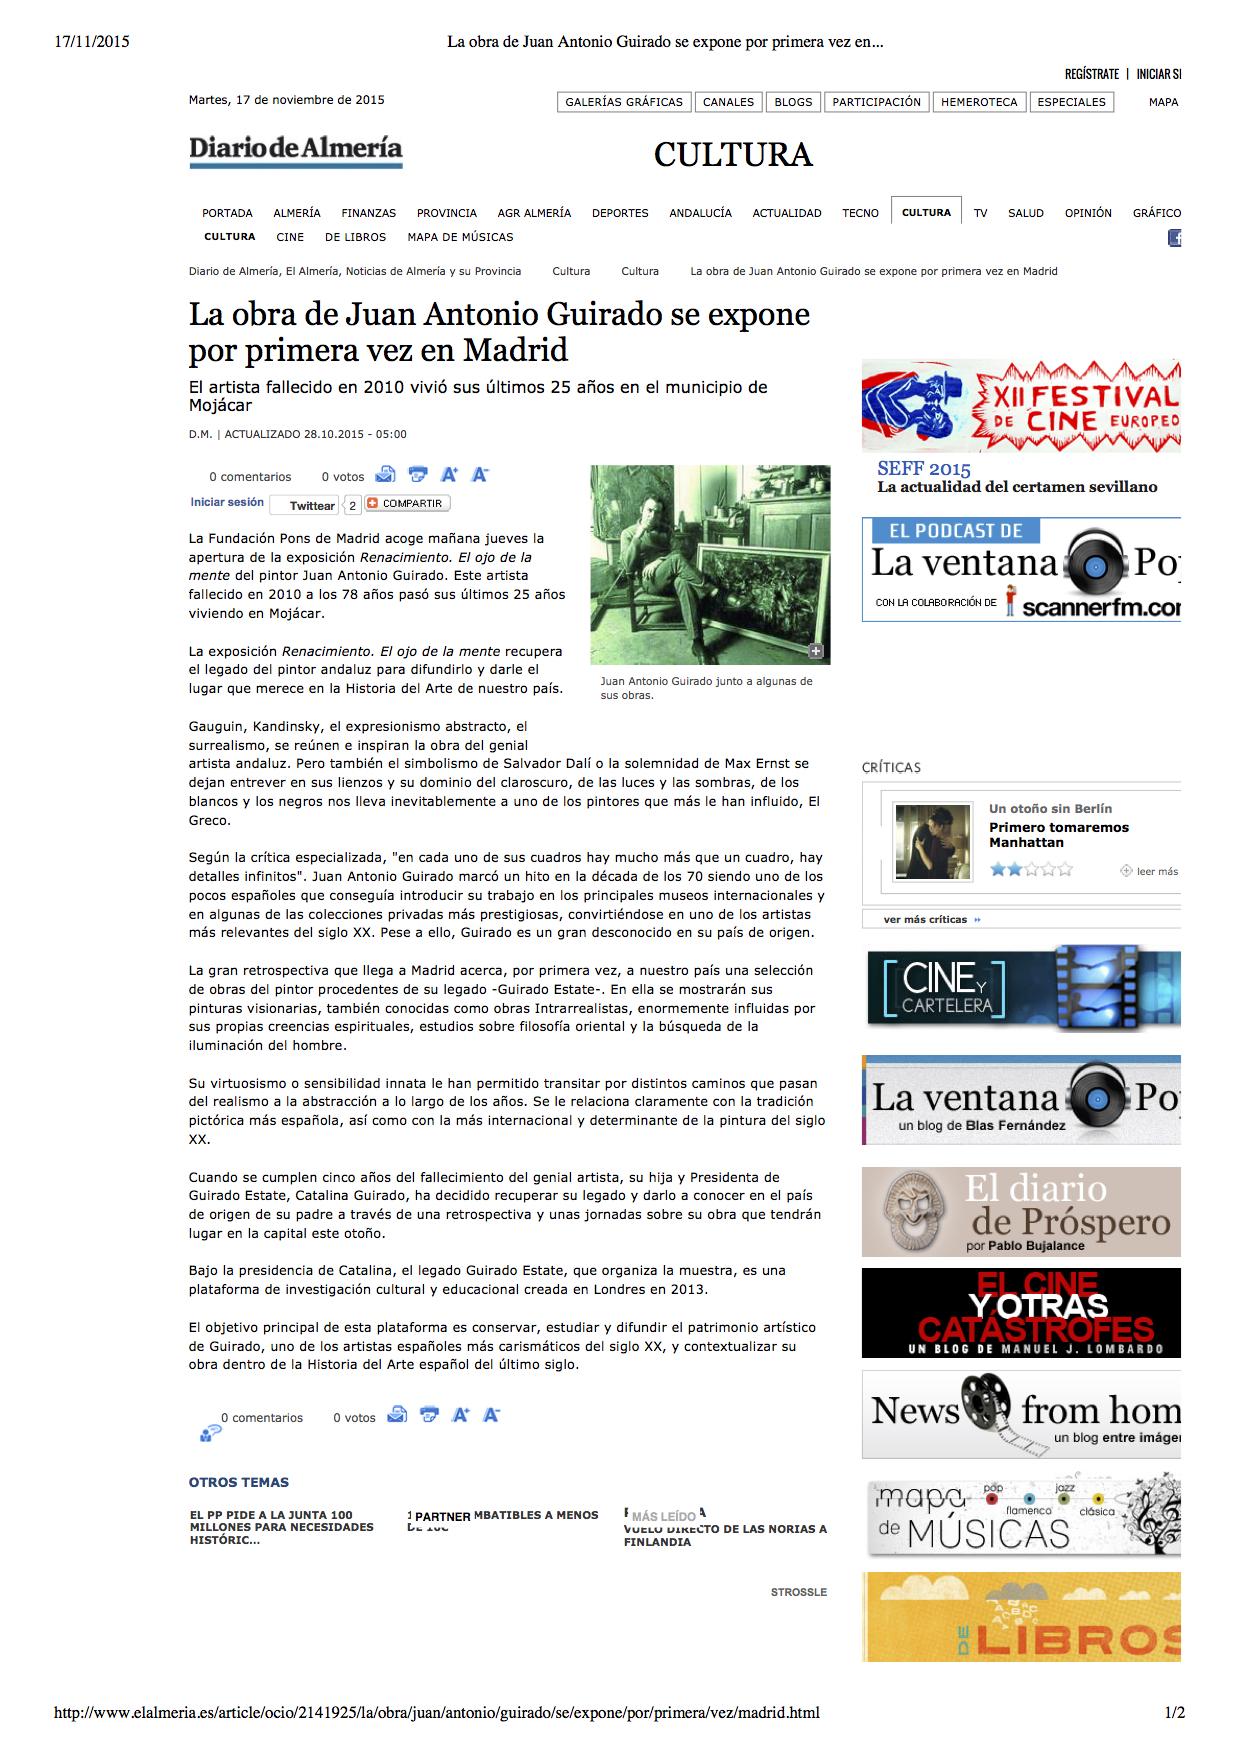 La obra de Juan Antonio Guirado se expone por primera vez en Madrid, Diario de Almeria, by D.M, 28 O